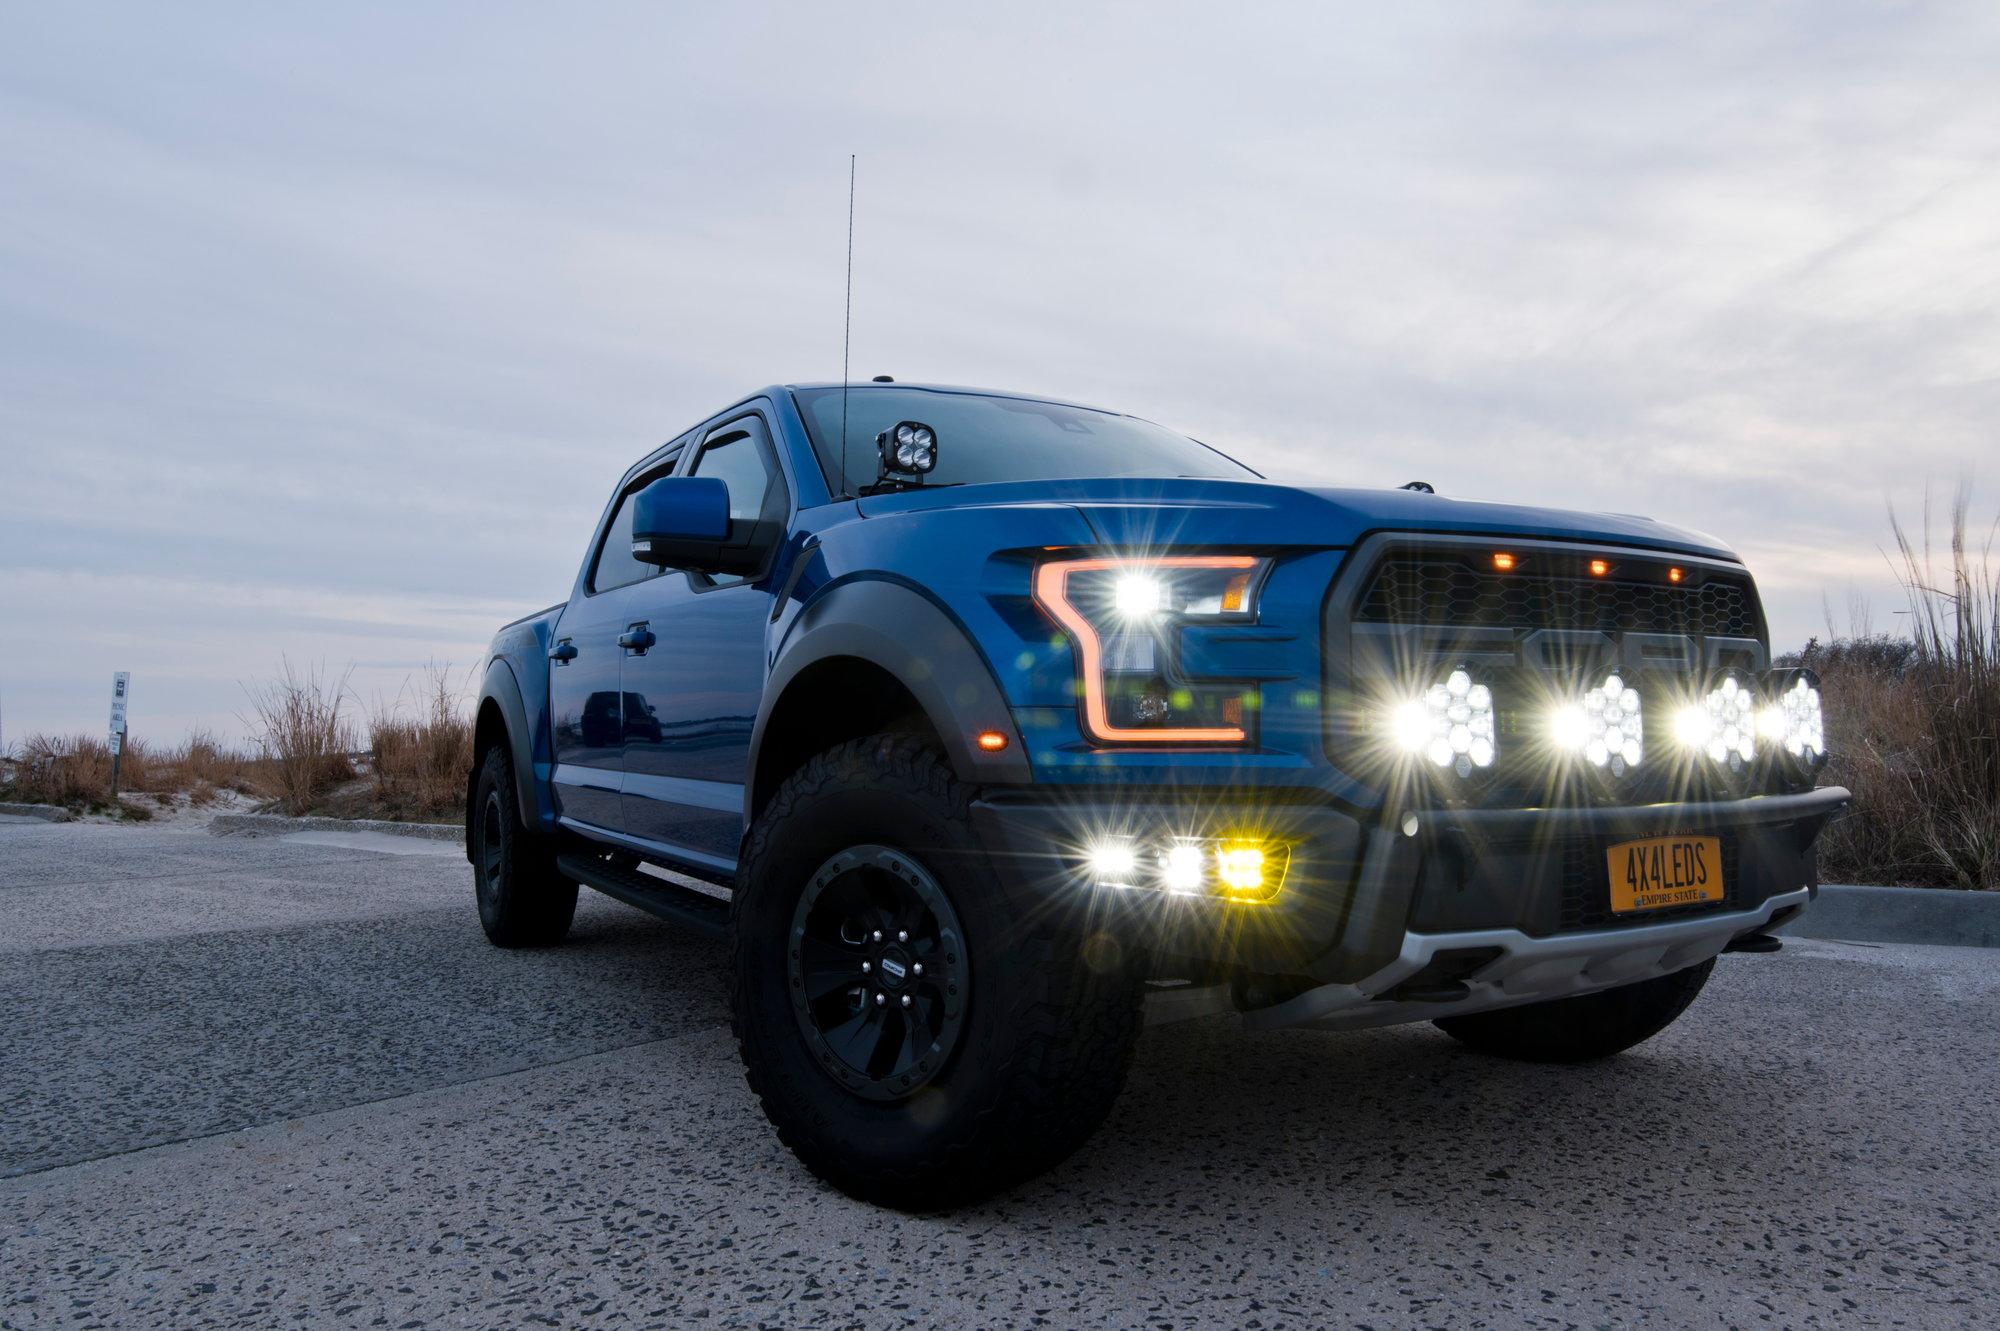 Fog Lights For 2019 Raptor: Fog Lights For 2019 Raptor